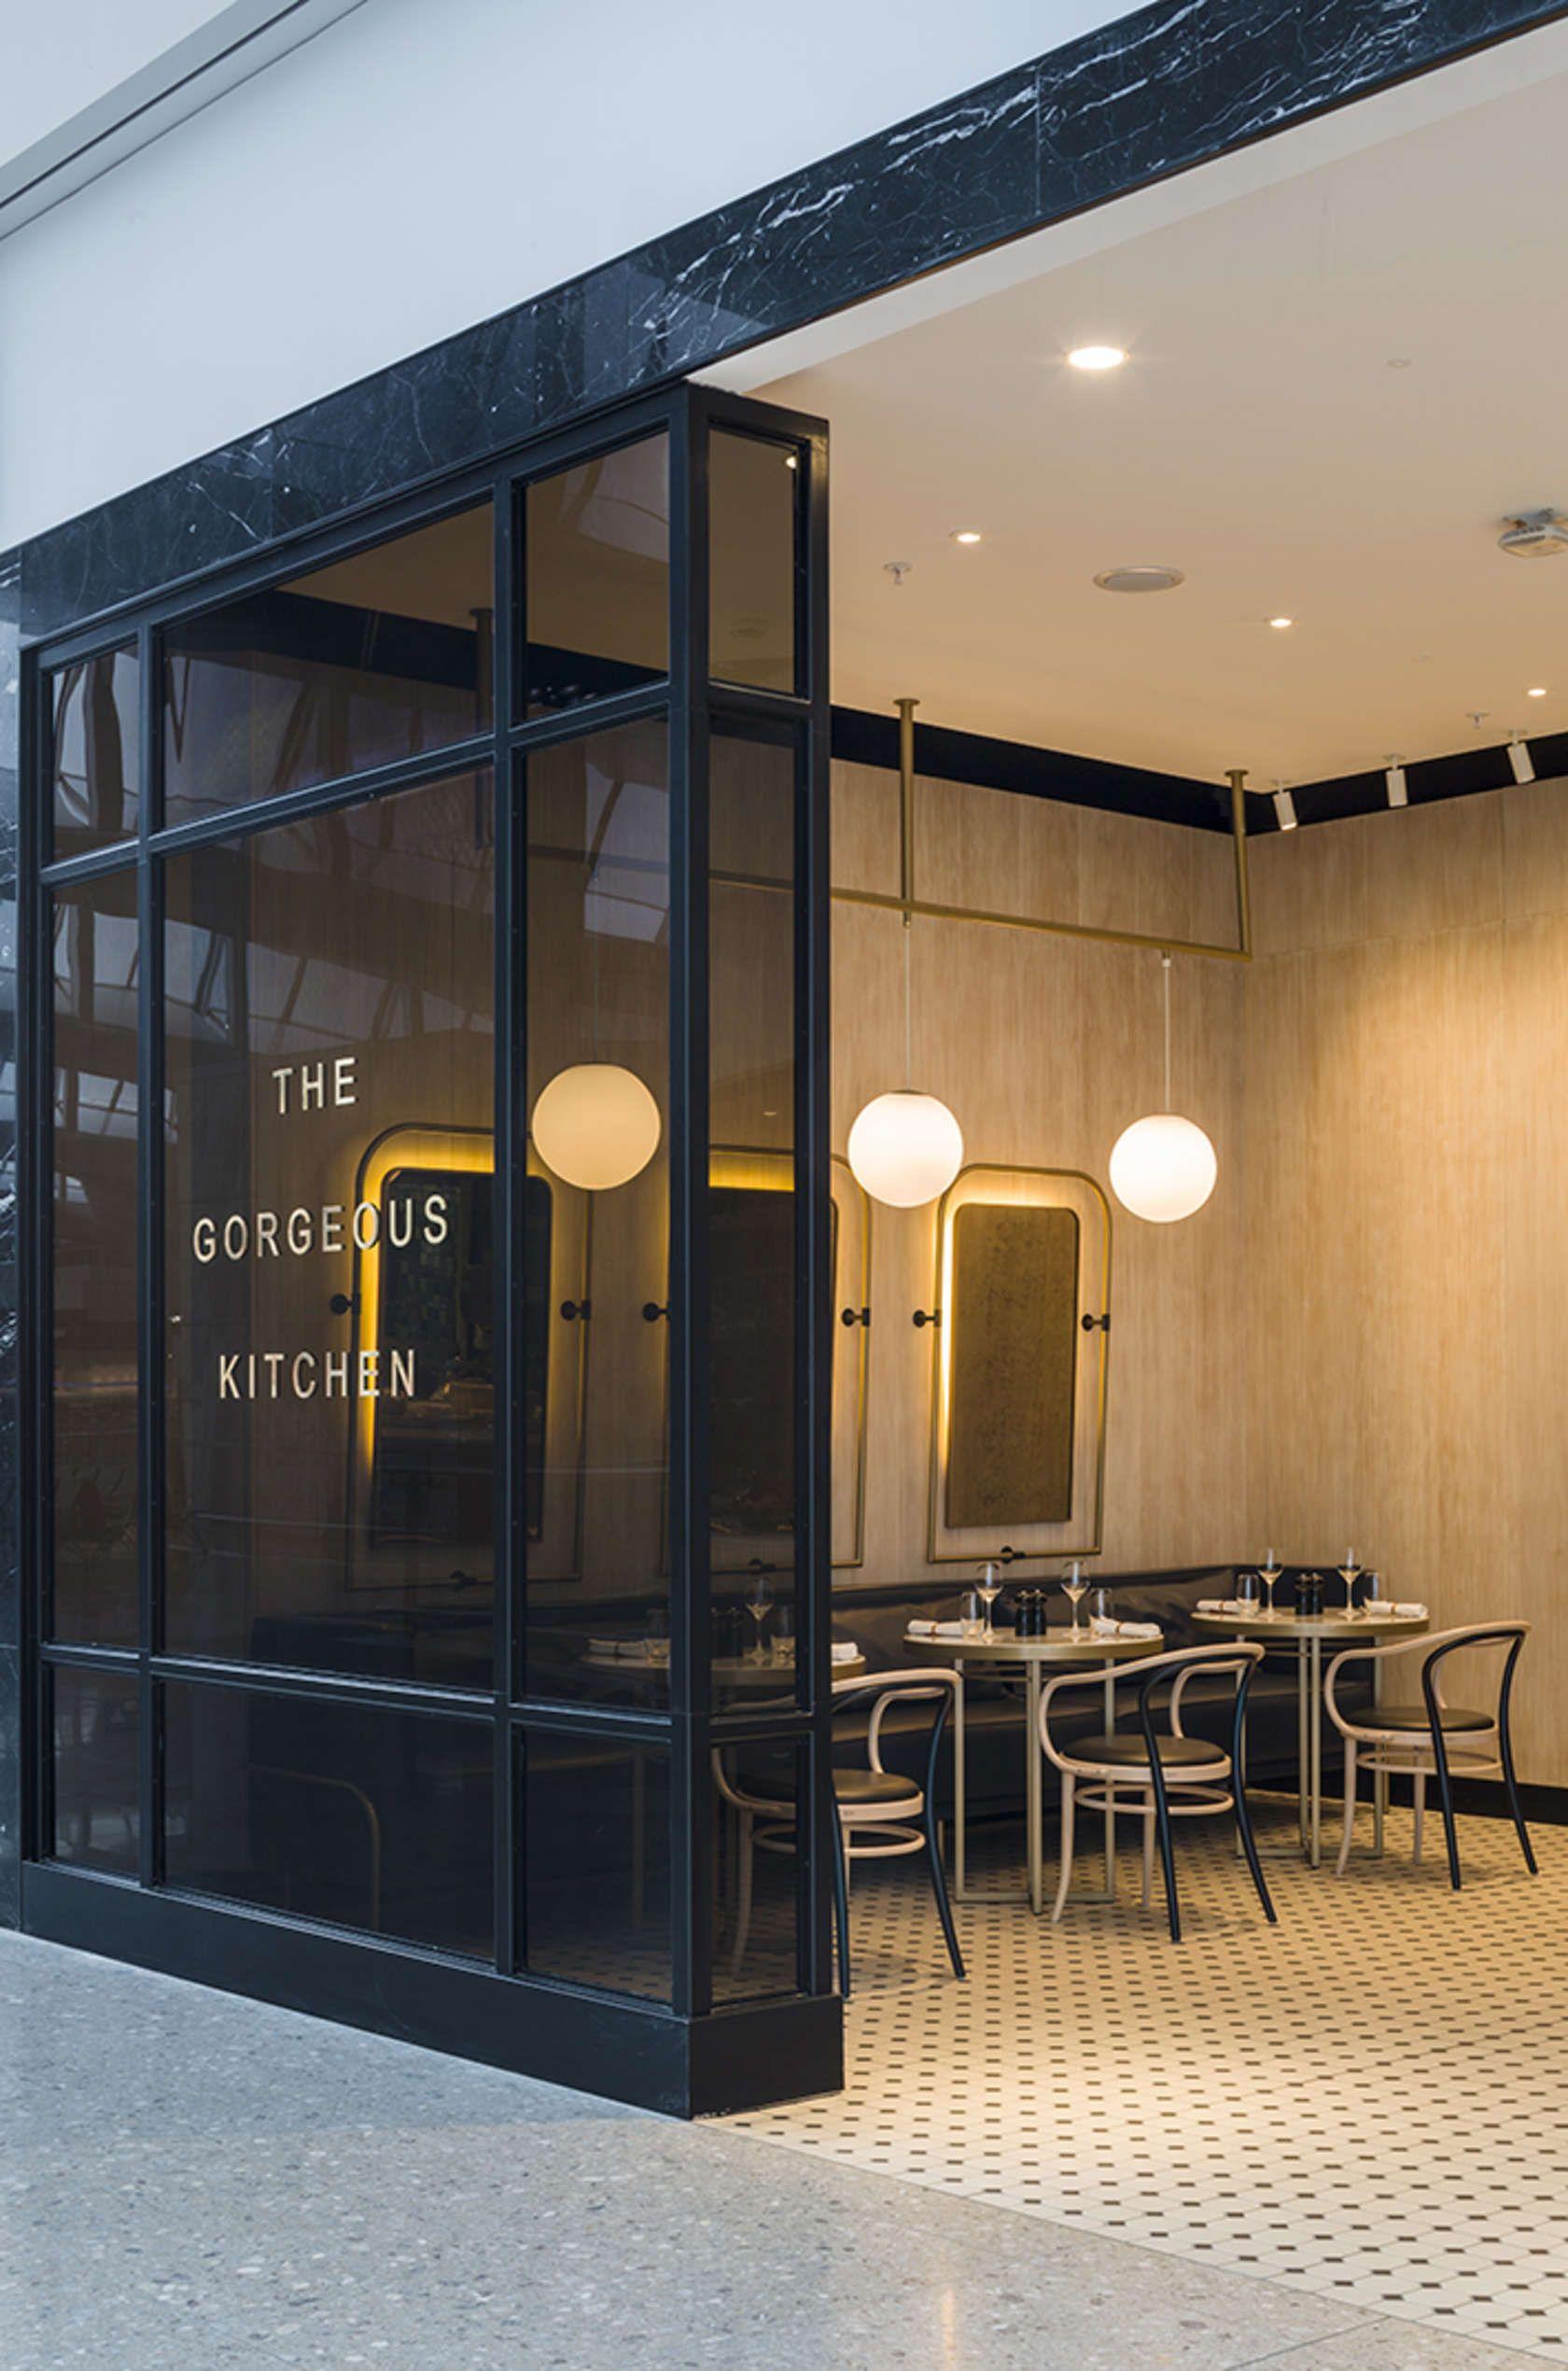 The Gorgeous Kitchen By Blacksheep Trendland Restaurant Interior Design Gorgeous Kitchens Restaurant Interior